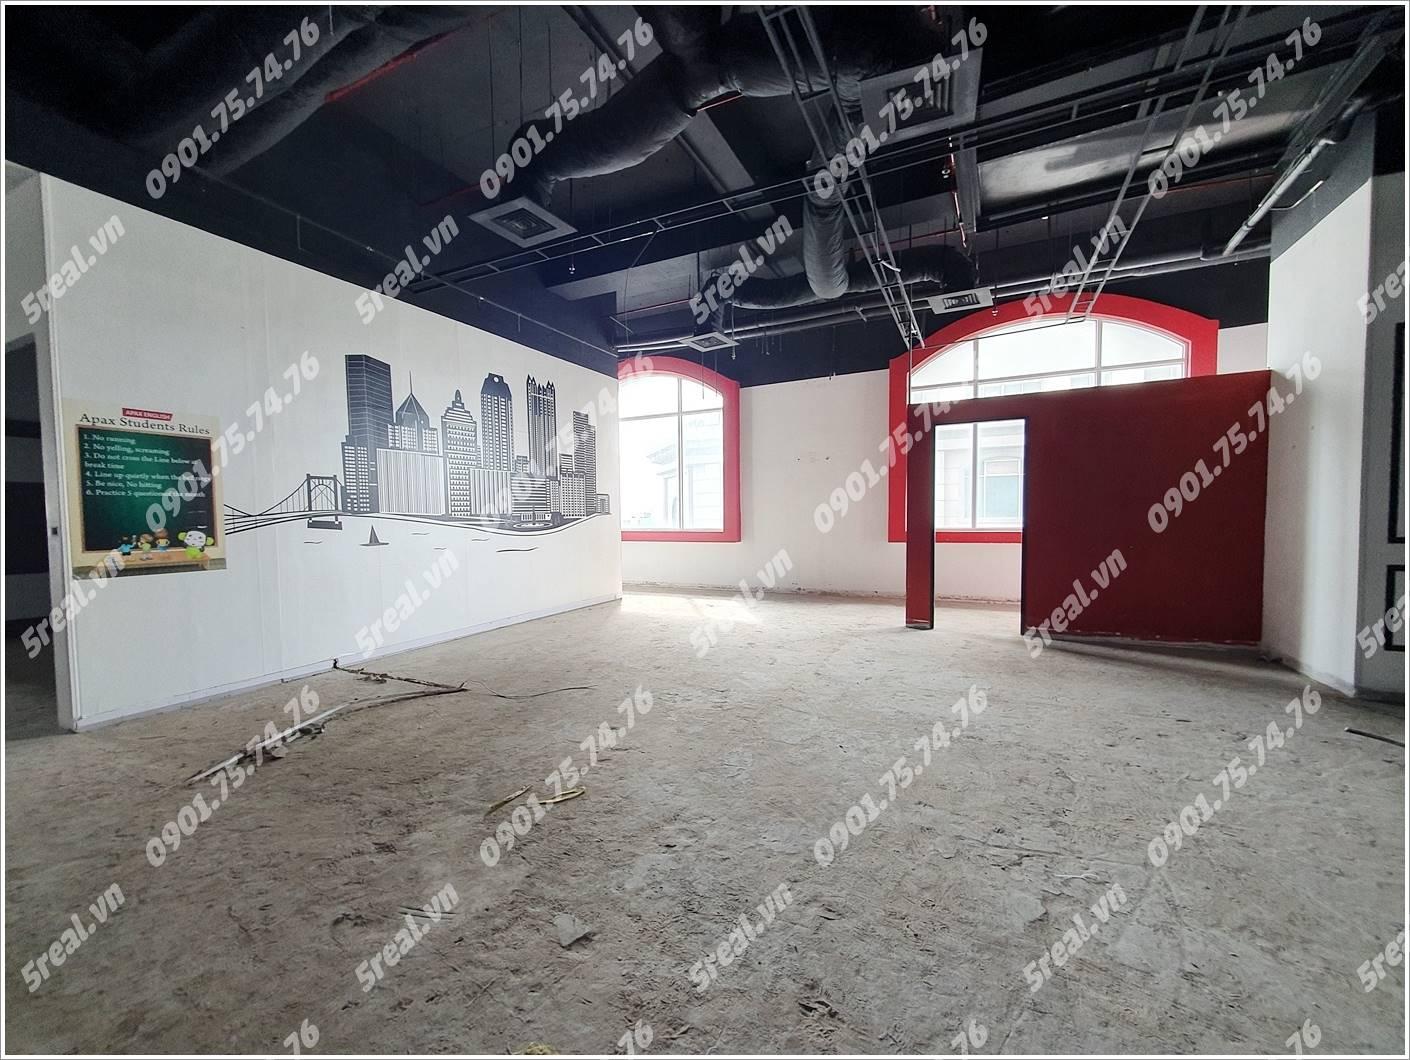 the-flemington-tower-le-dai-hanh-quan-11-van-phong-cho-thue-5real.vn-012